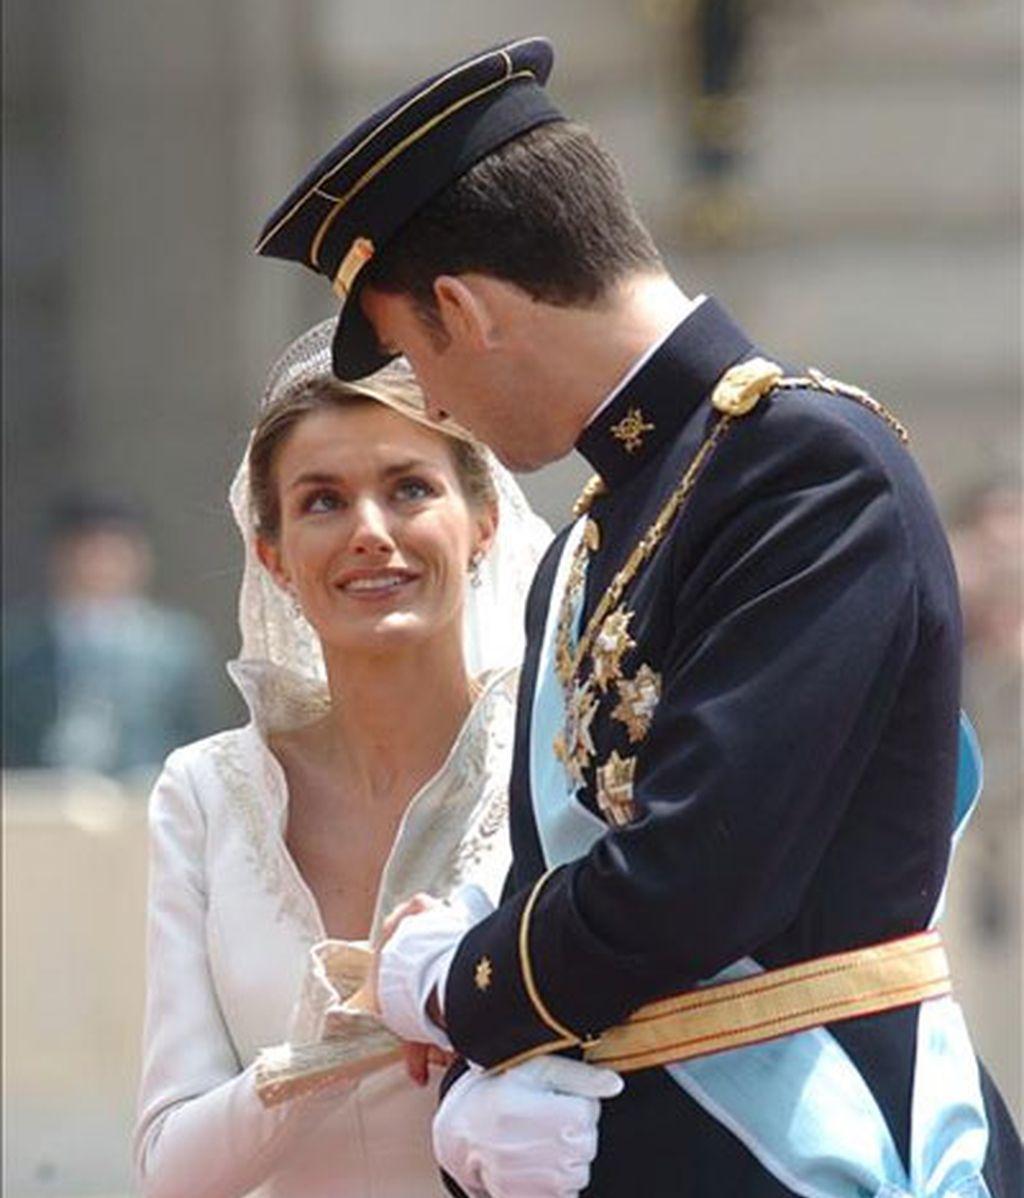 Los Príncipes de Asturias el día de su boda. Foto: EFE